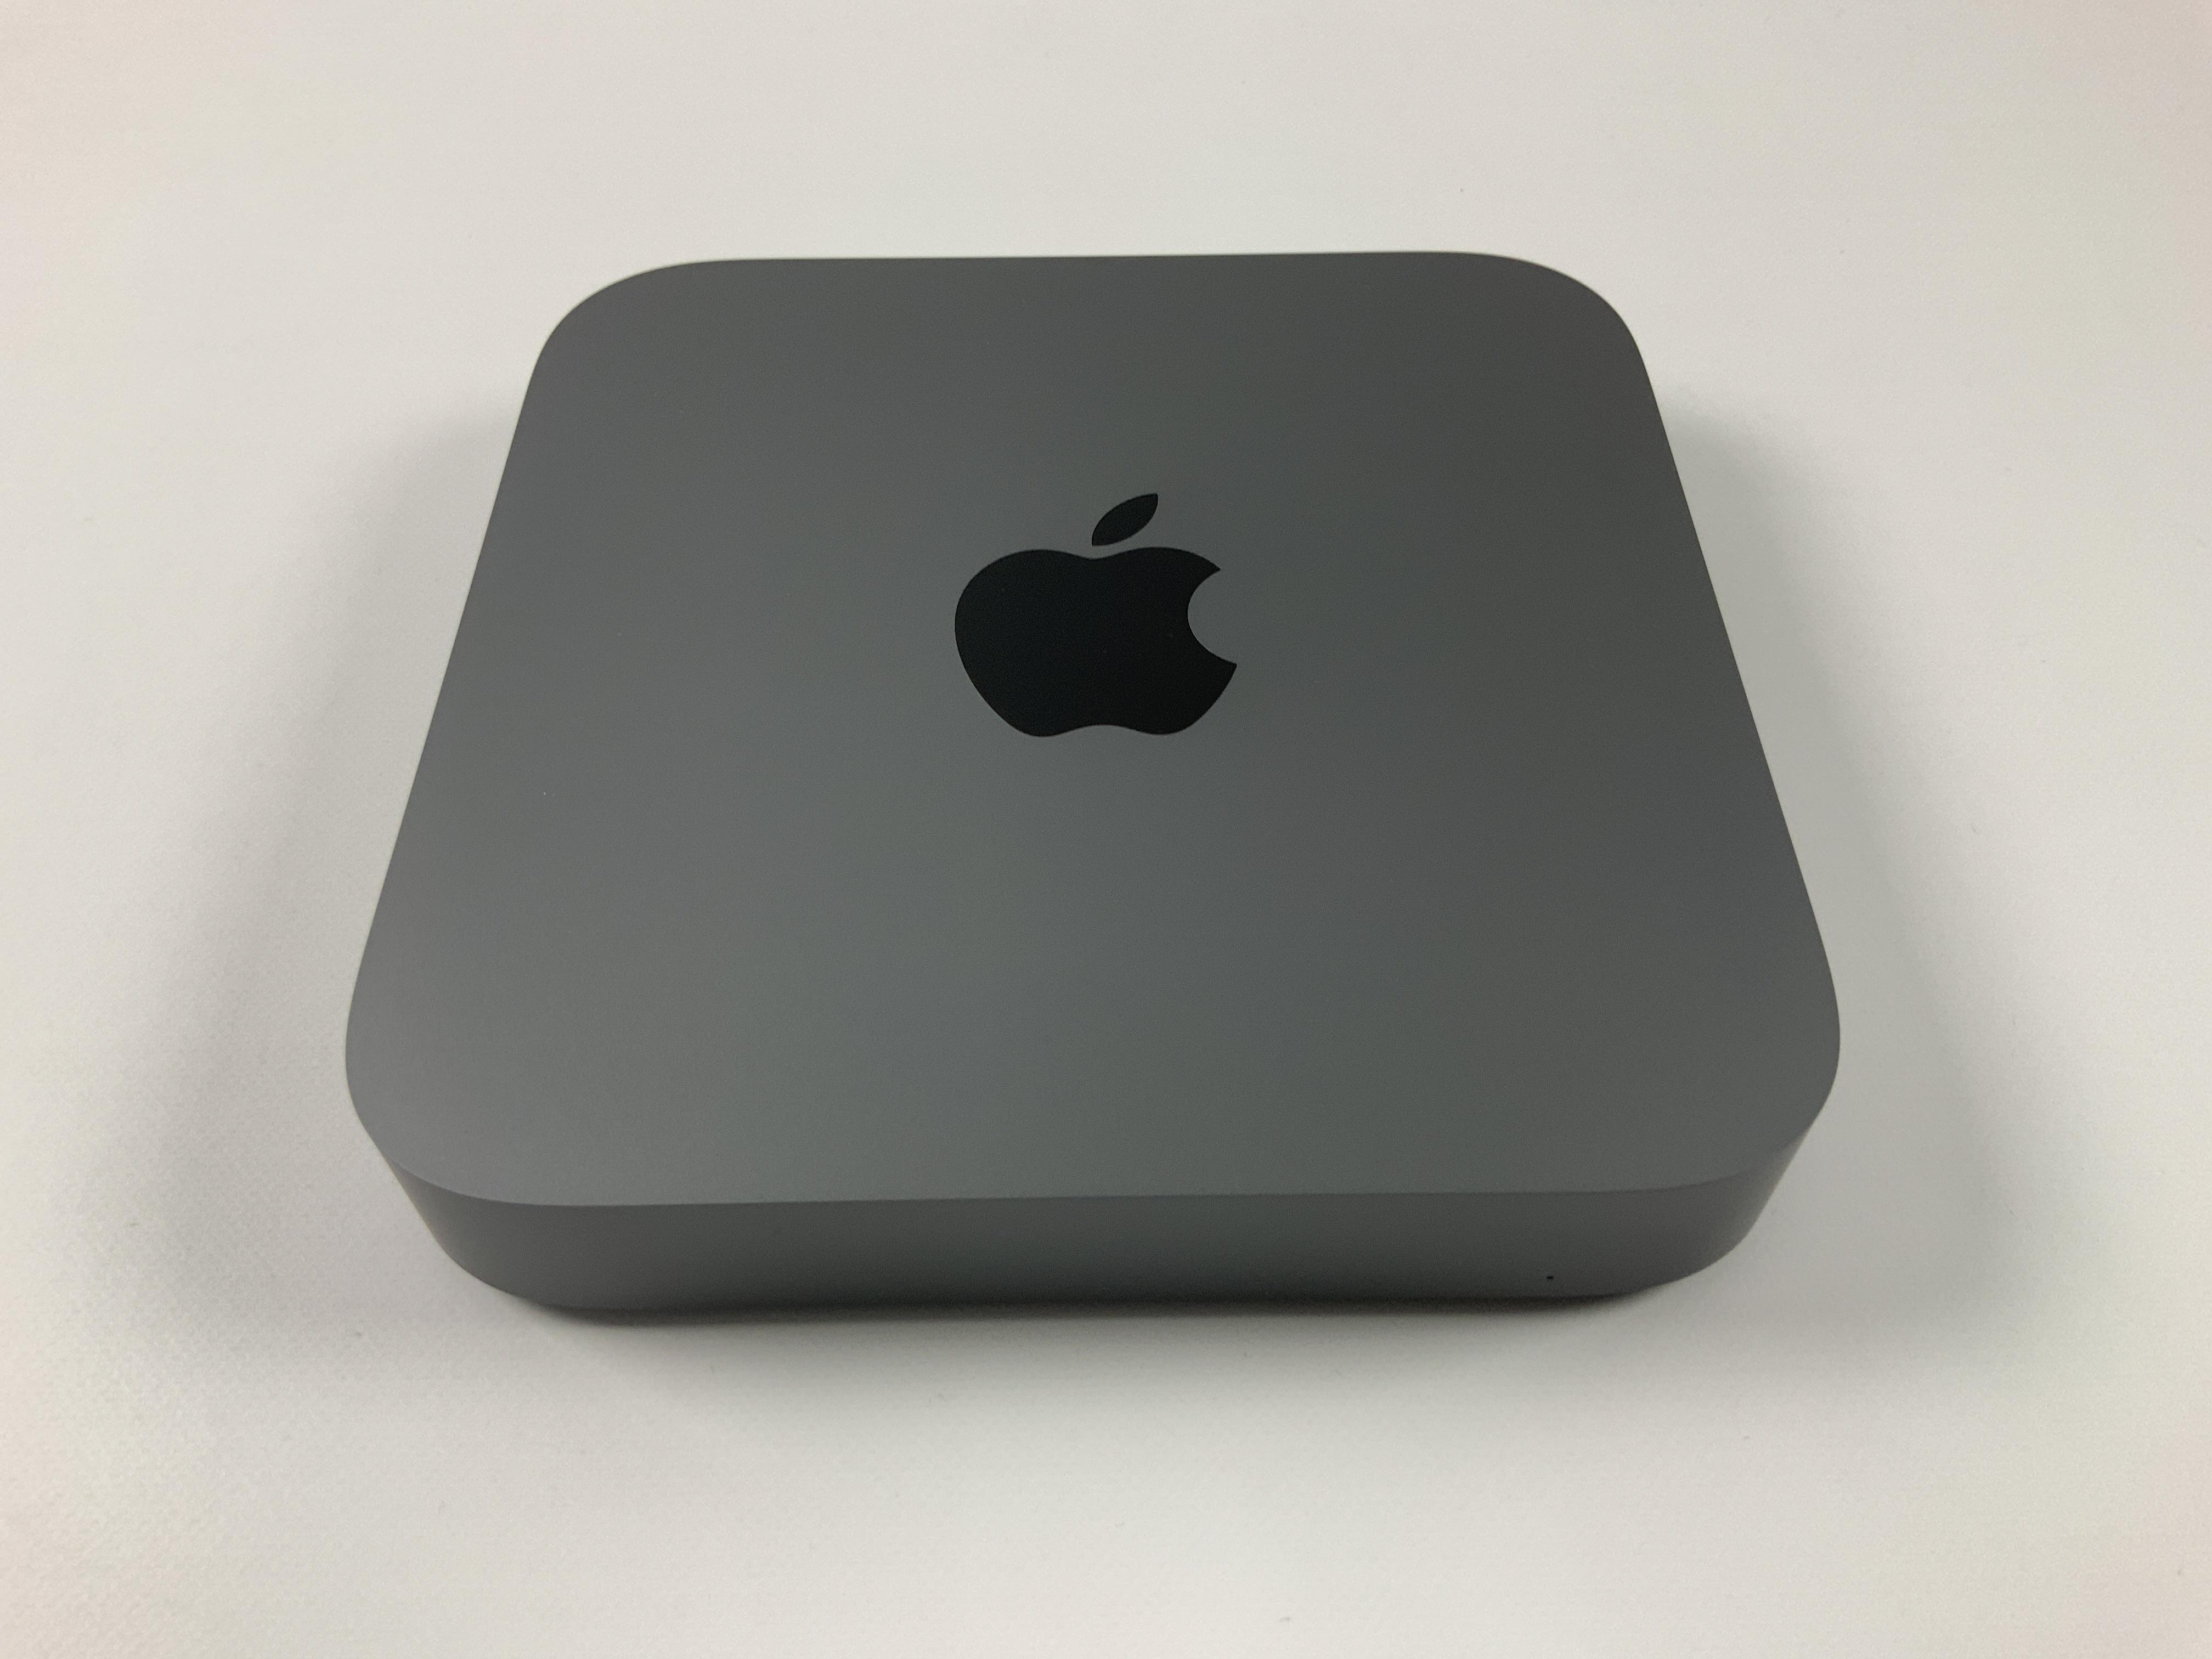 Mac Mini Early 2020 (Intel 6-Core i5 3.0 GHz 32 GB RAM 512 GB SSD), Intel 6-Core i5 3.0 GHz, 32 GB RAM, 512 GB SSD, obraz 1